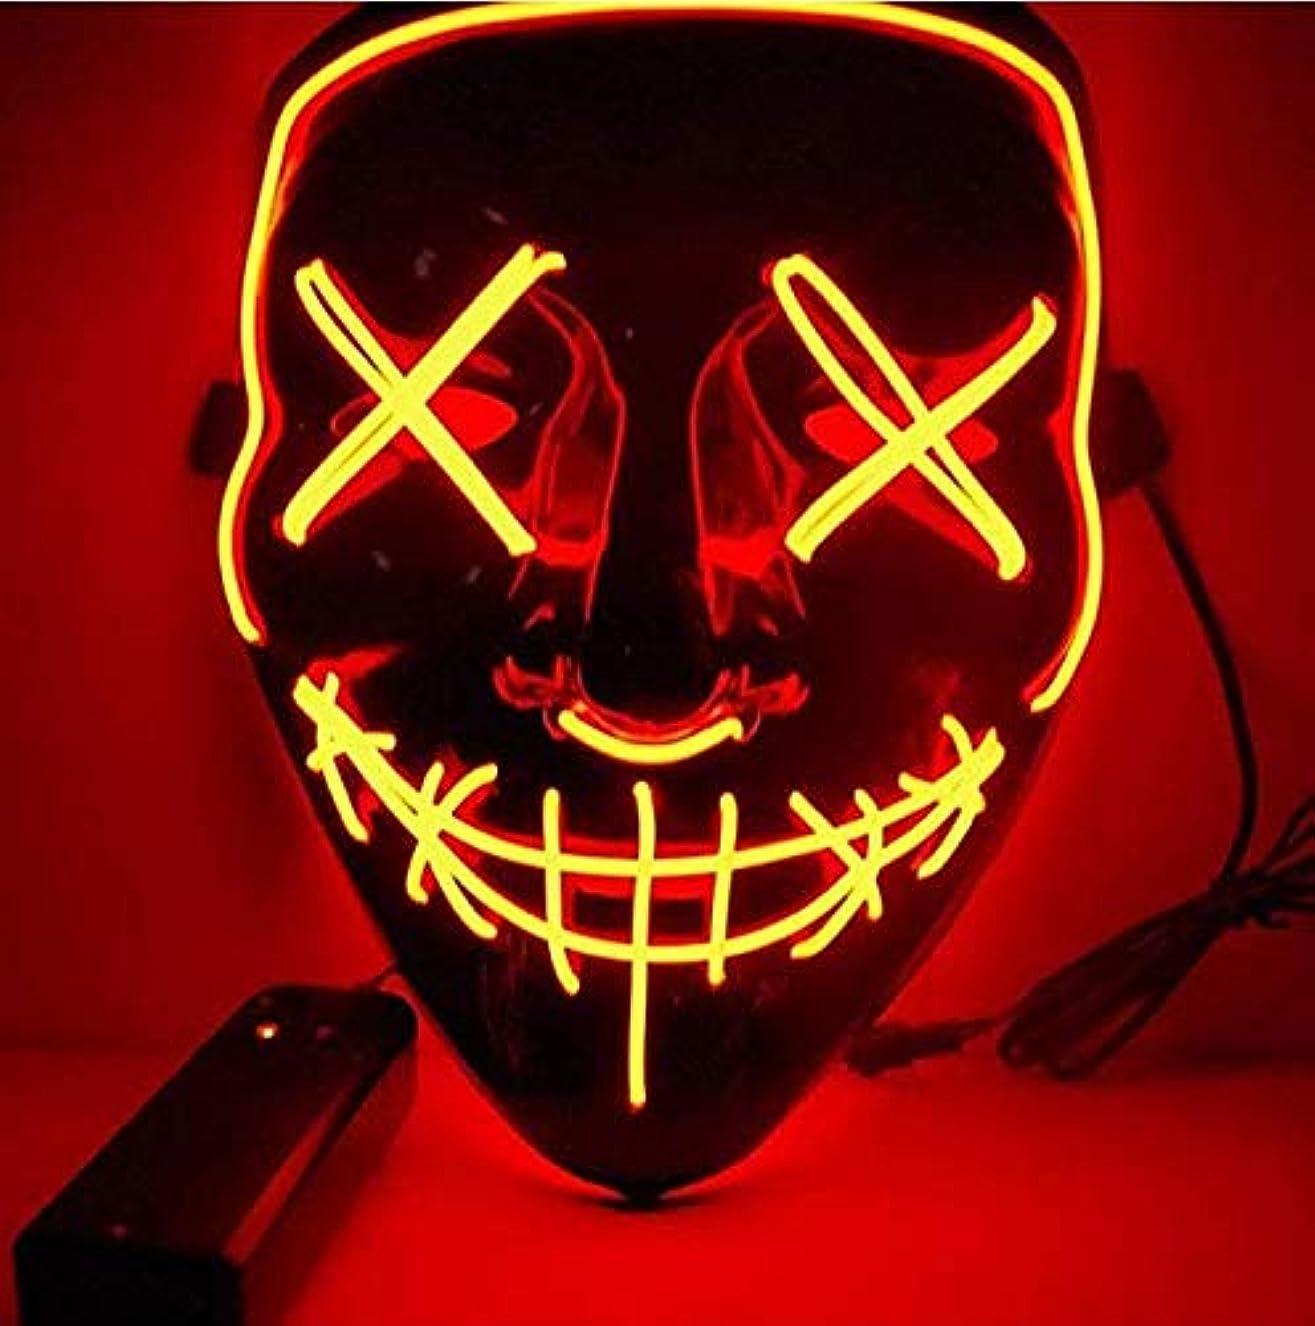 の前で例致命的ハロウィンマスクLEDライトアップパーティーマスクコスプレコスチュームサプライ暗闇で光る (Color : BLUE)